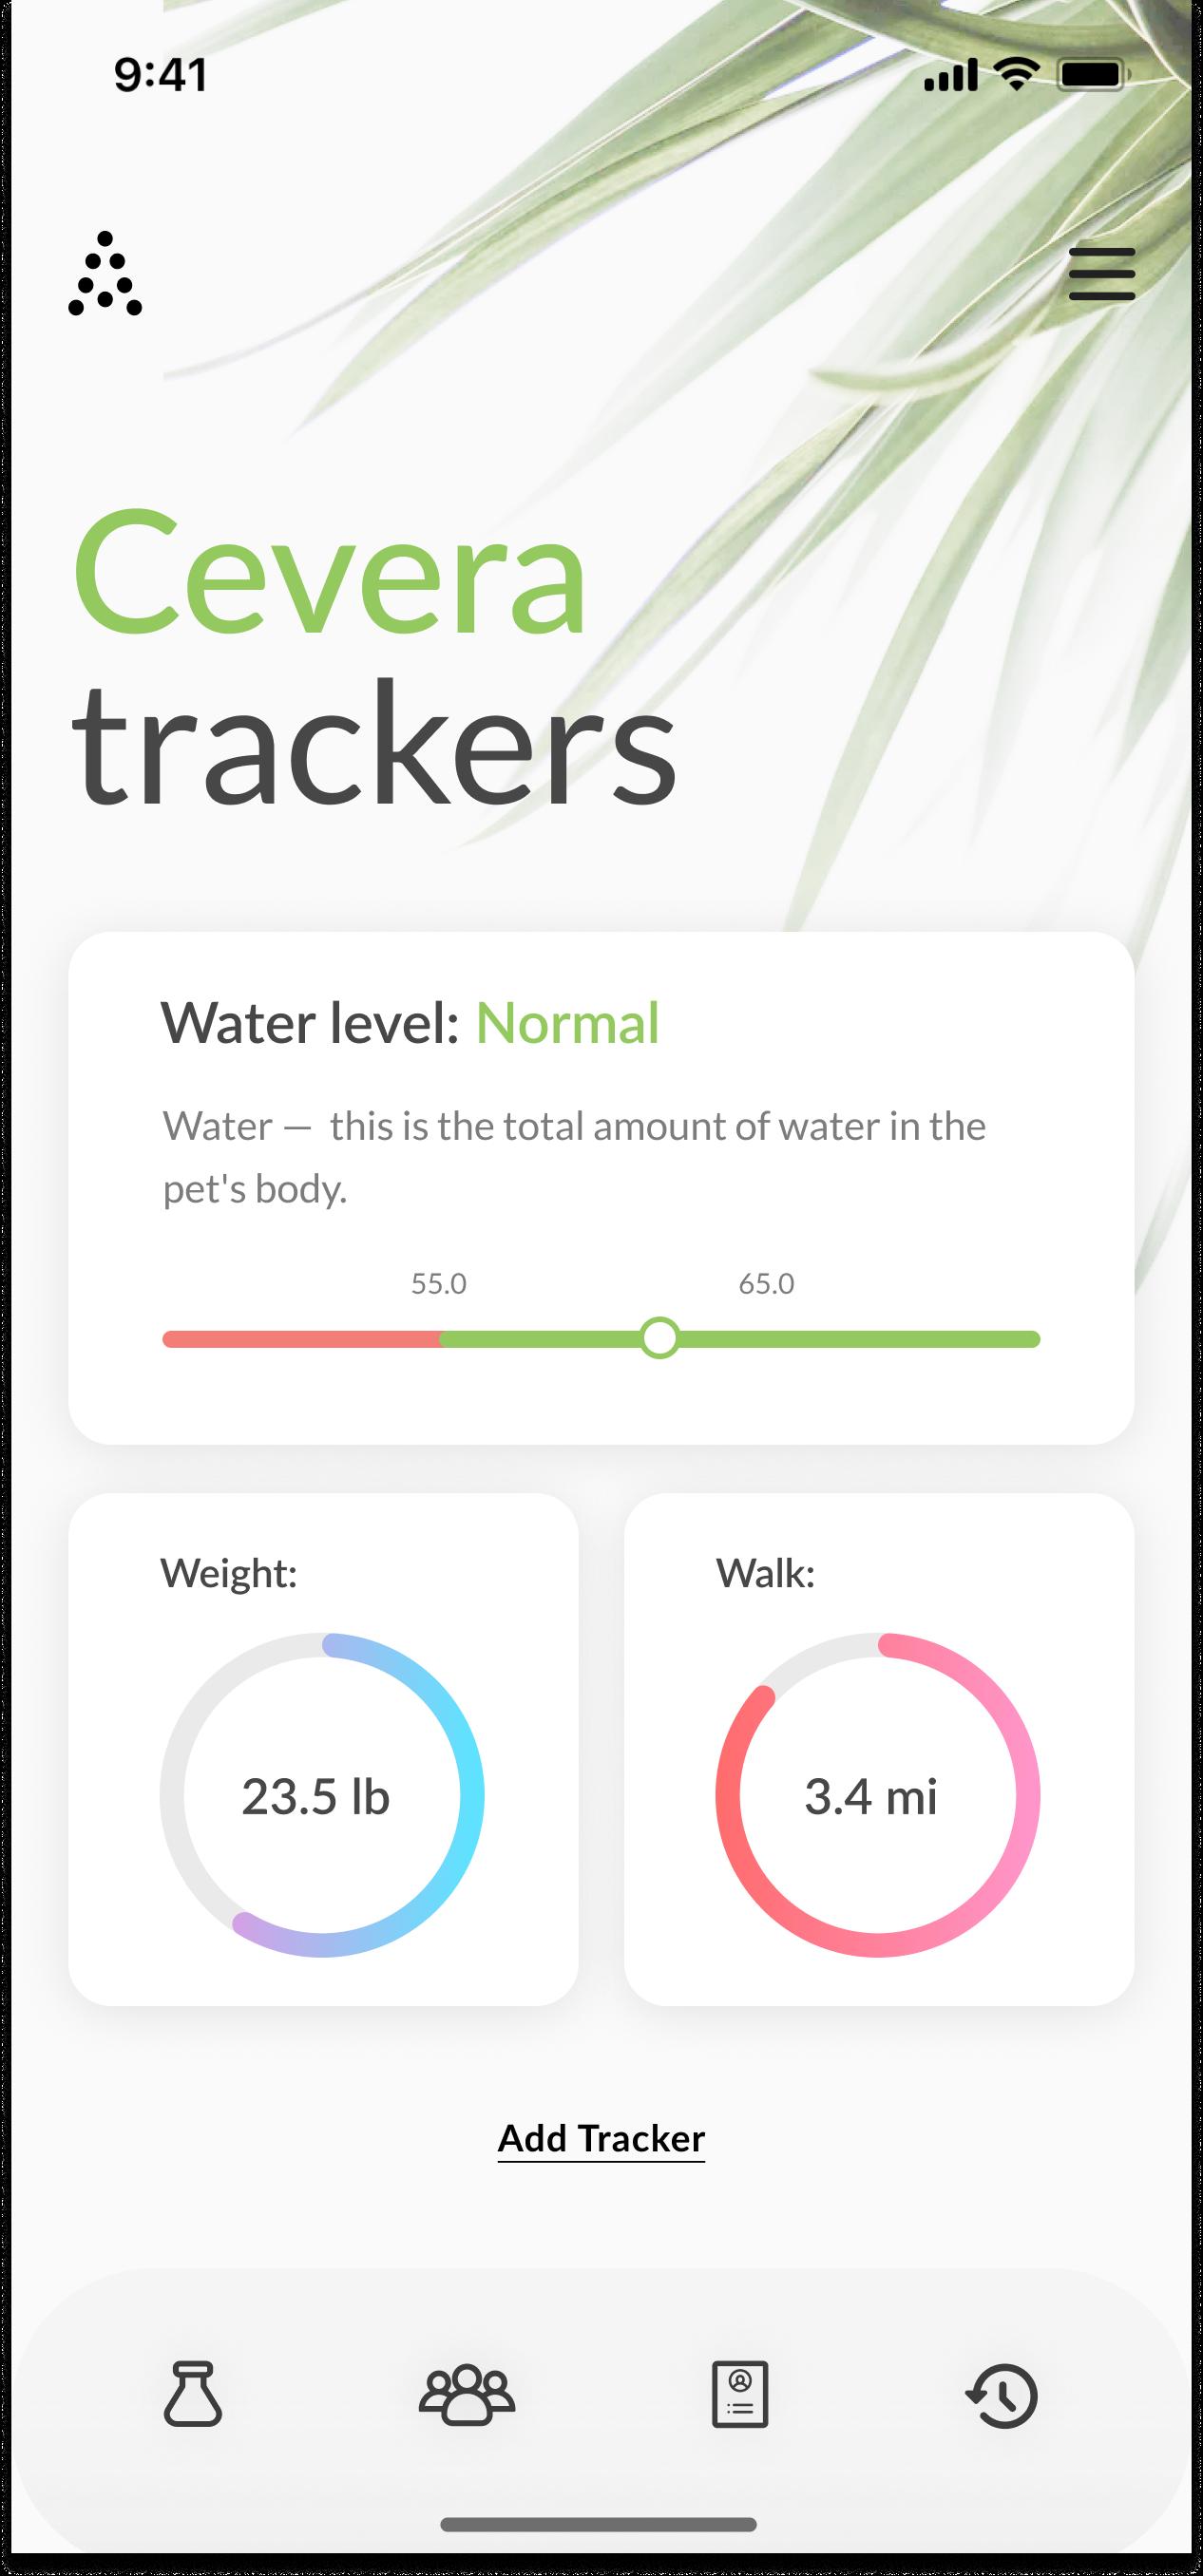 Cevera Tracker